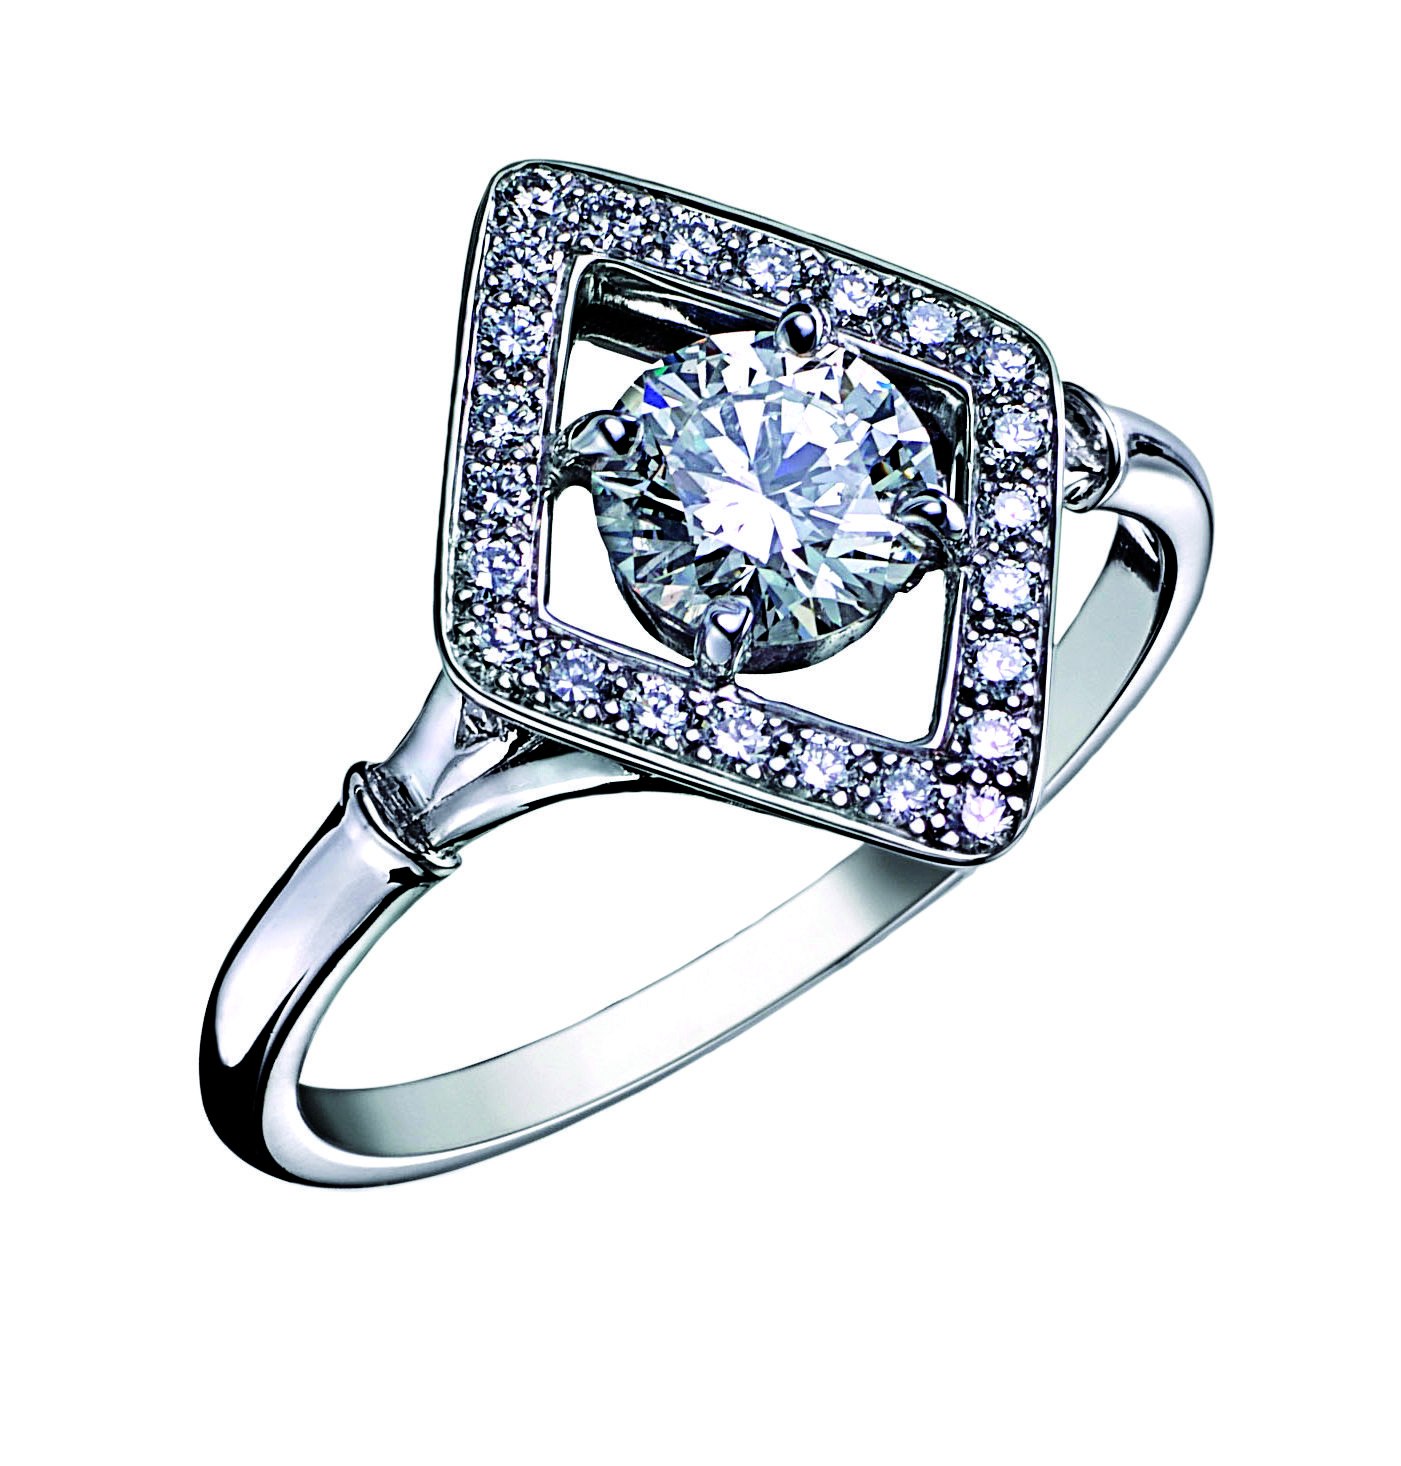 Bague Art Deco ELVIRE Or Blanc et Diamants. Bague ancienne. #bague #artdeco #orblanc #diamants #ancienne #luxe #bijoux #valeriedanenberg